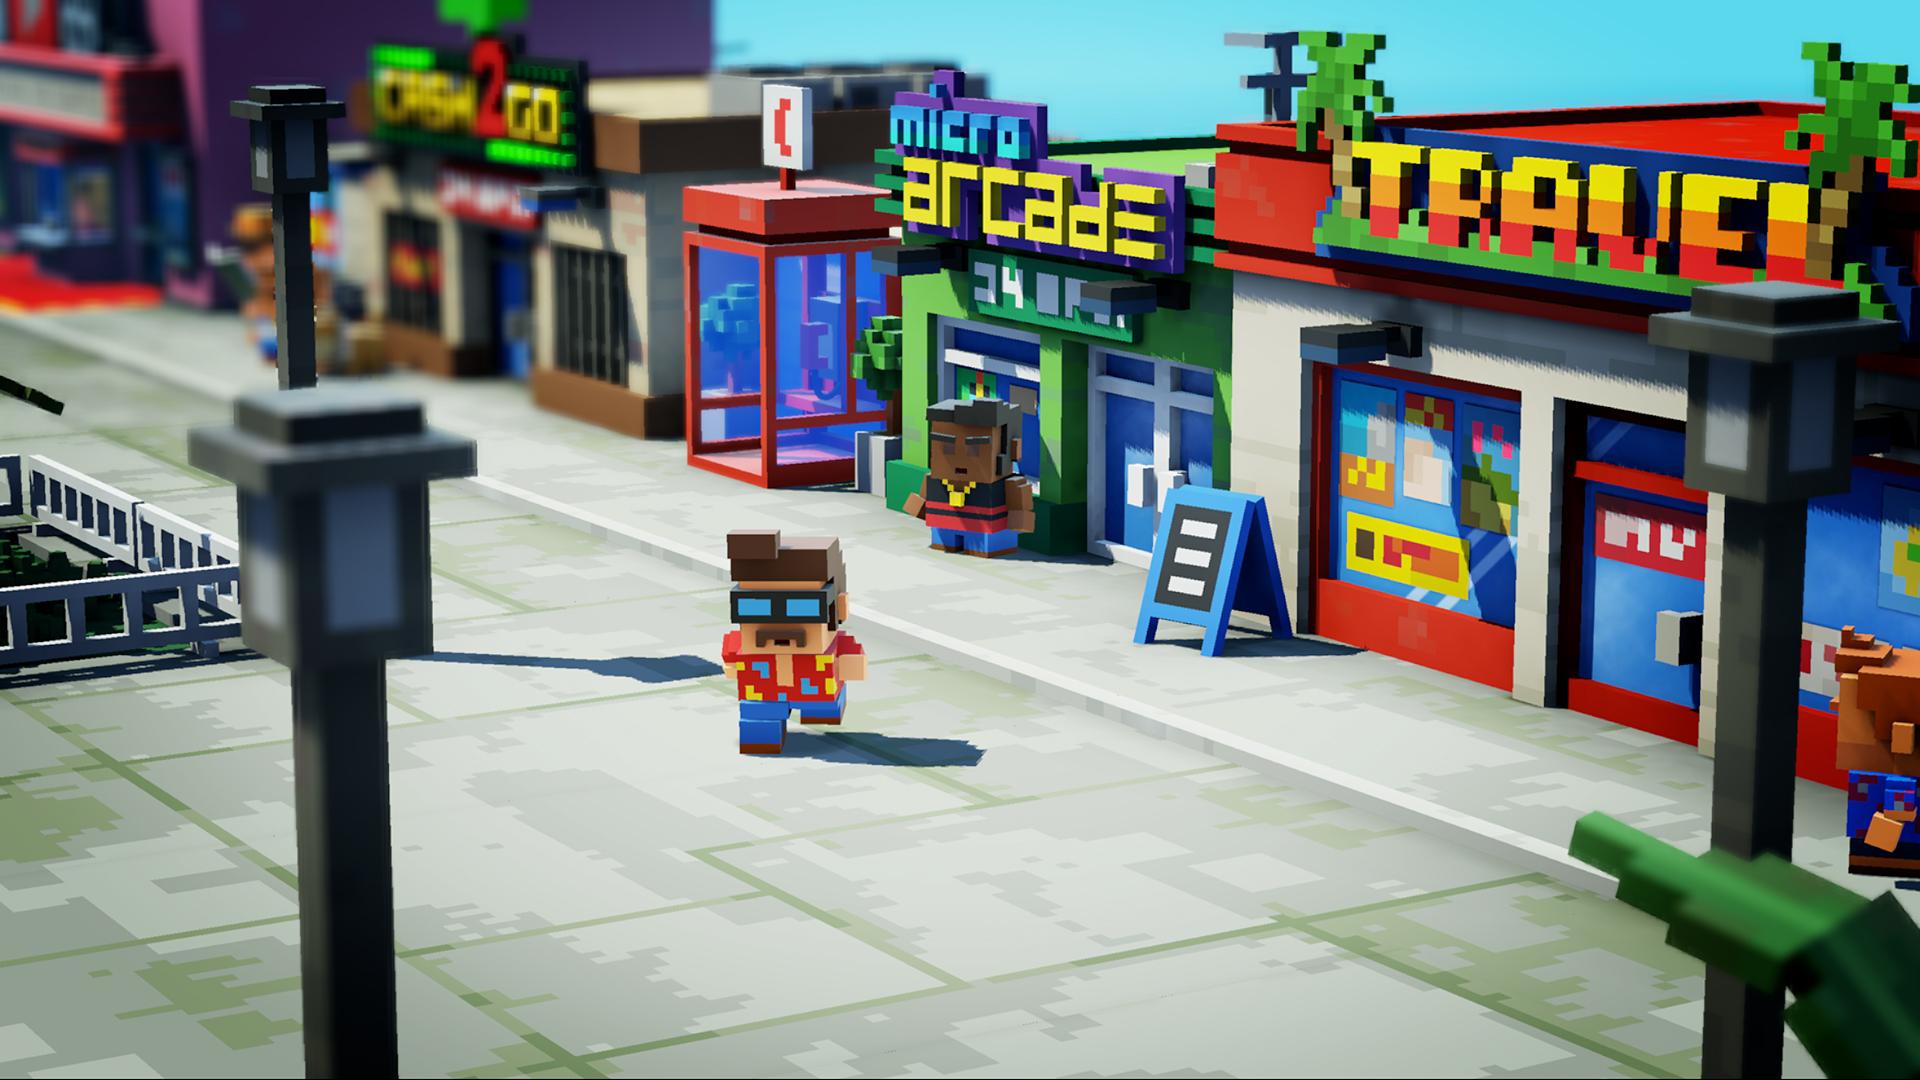 The Touryst   Programas descargables Nintendo Switch   Juegos   Nintendo